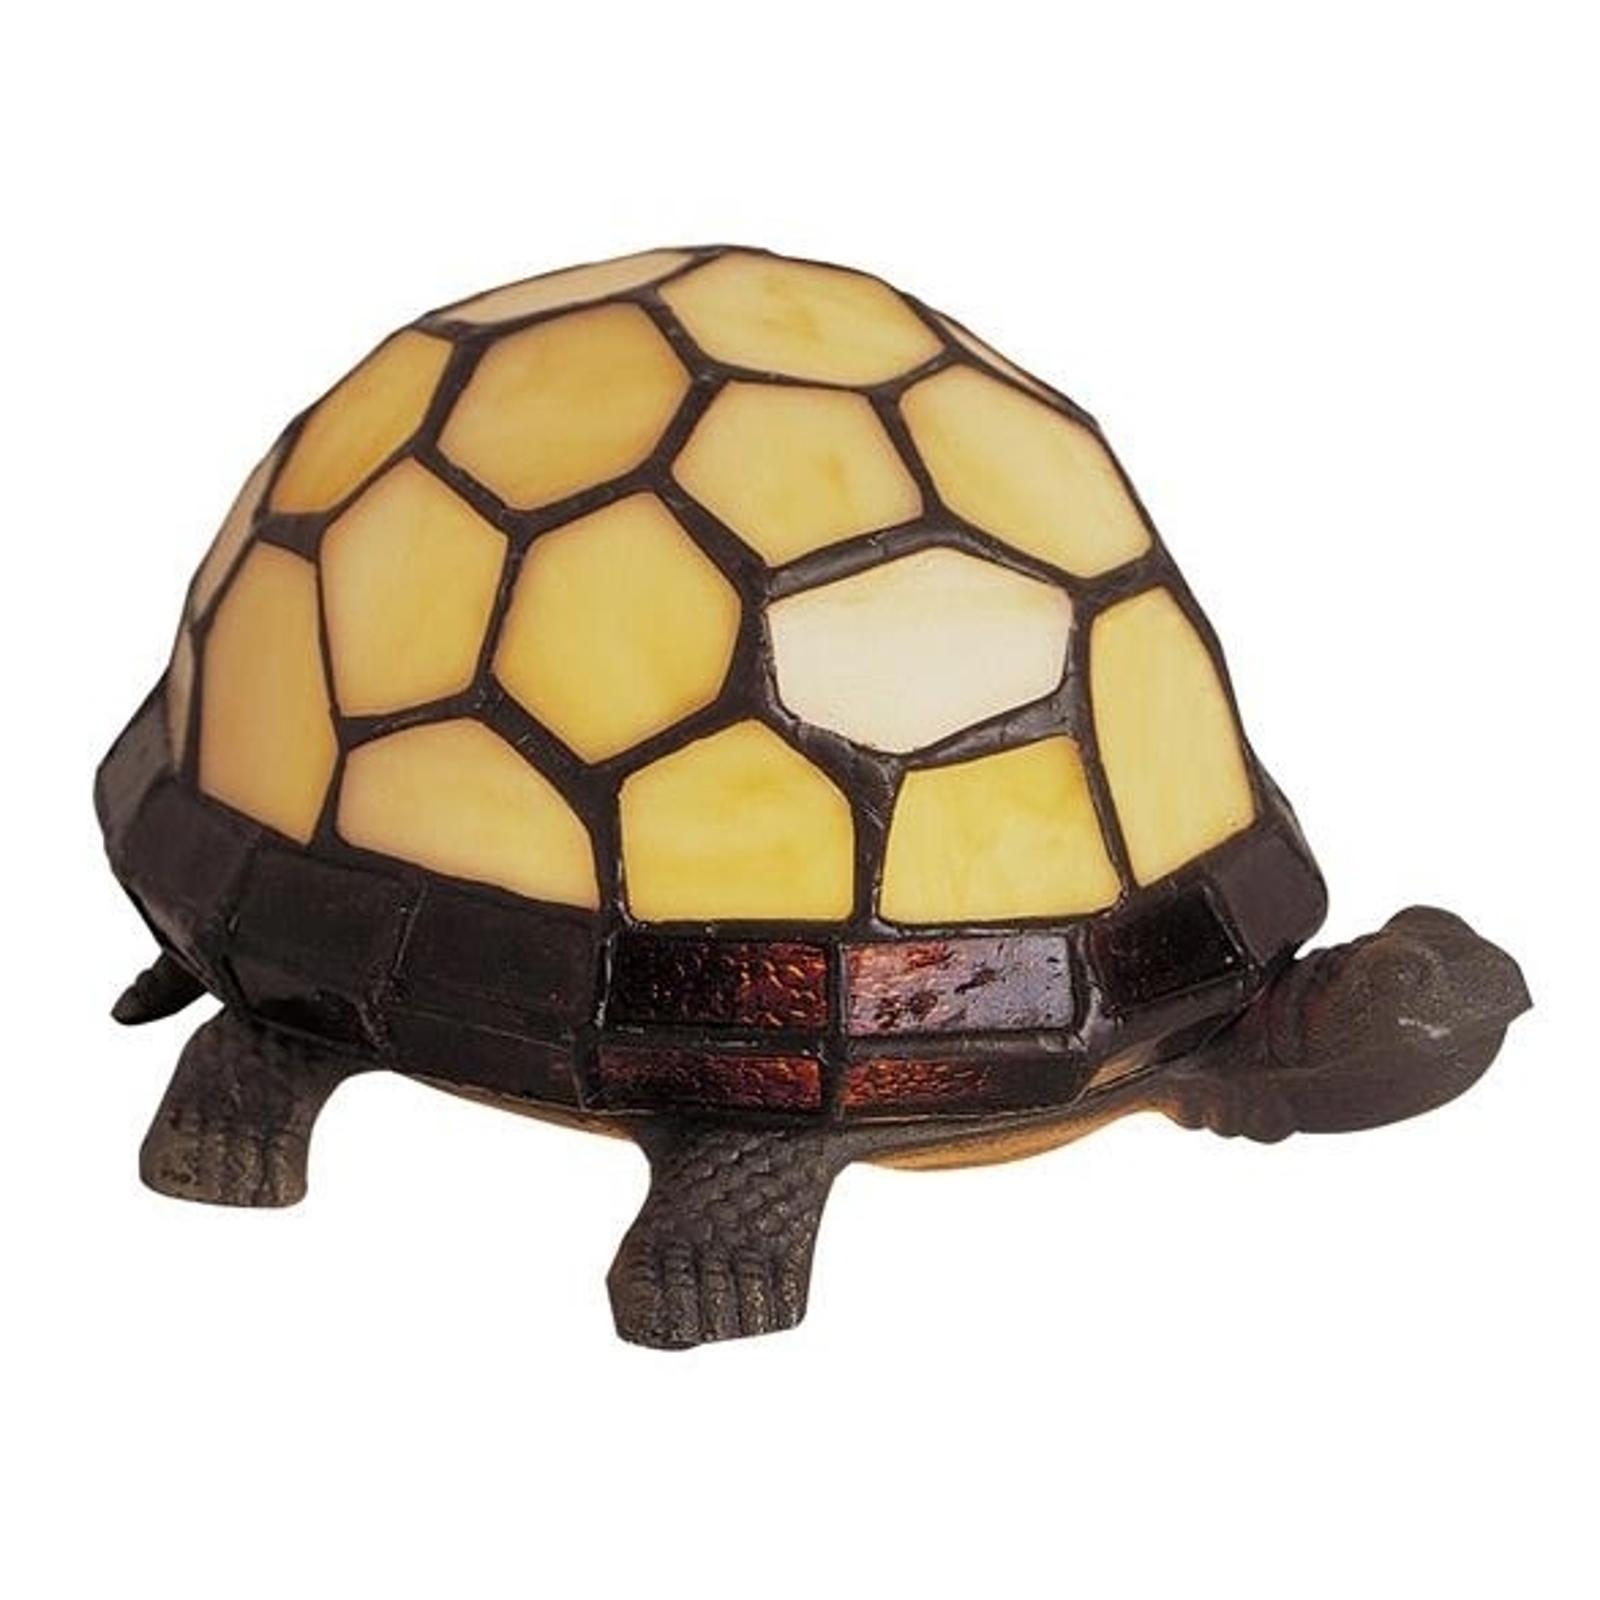 TORTUE – stolná lampa v tvare korytnačky_1032233_1